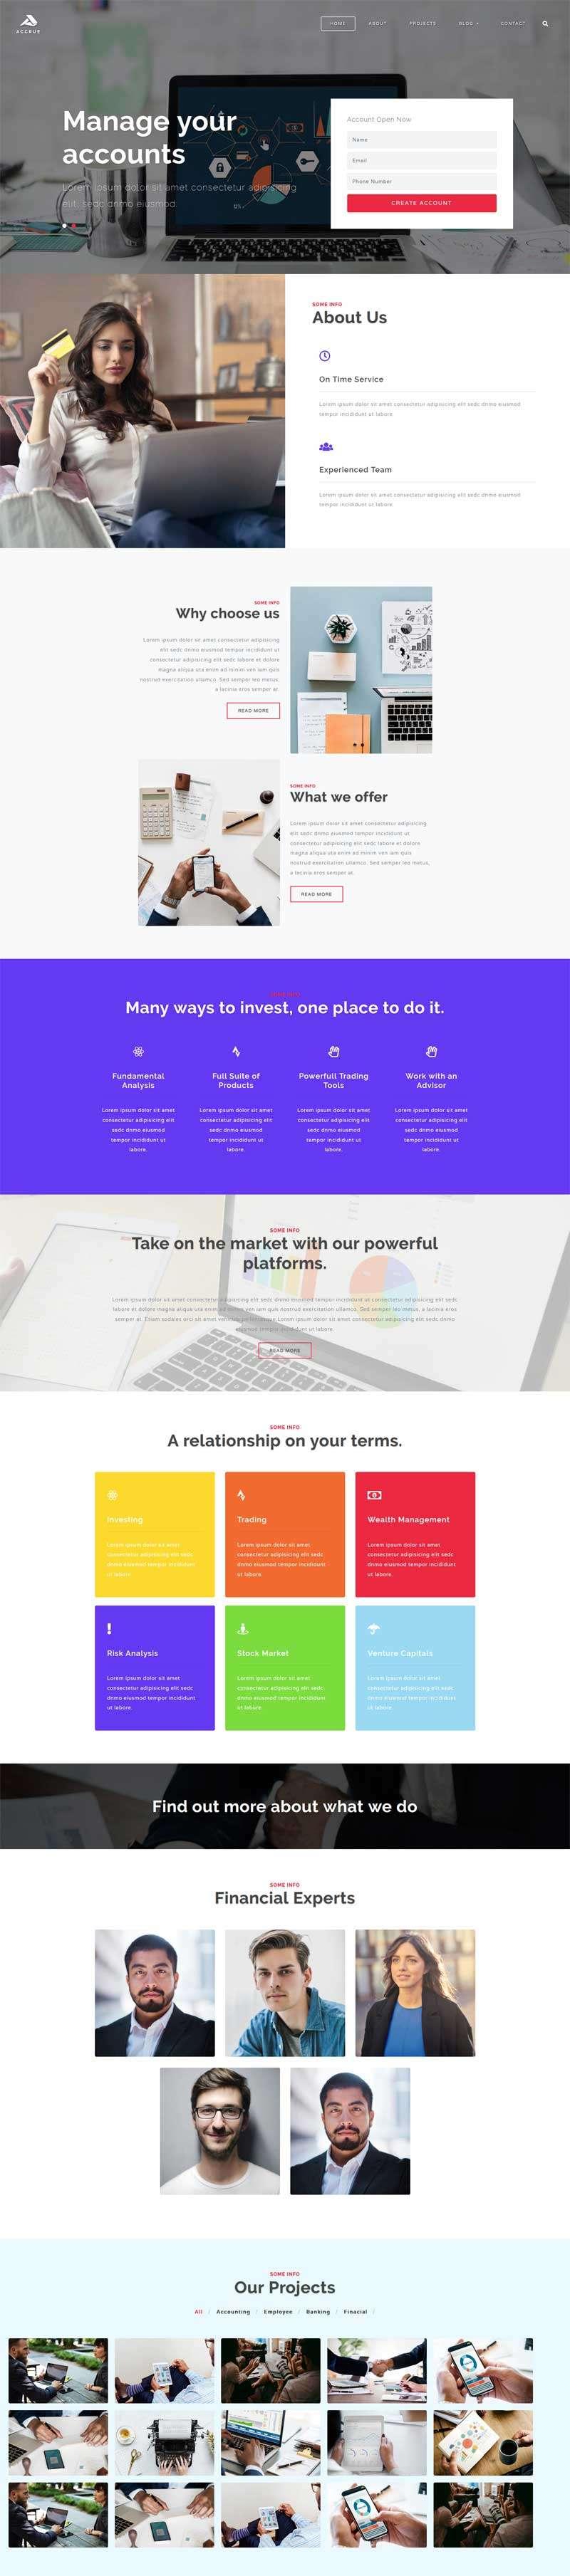 金融开户资金投资管理网站模板